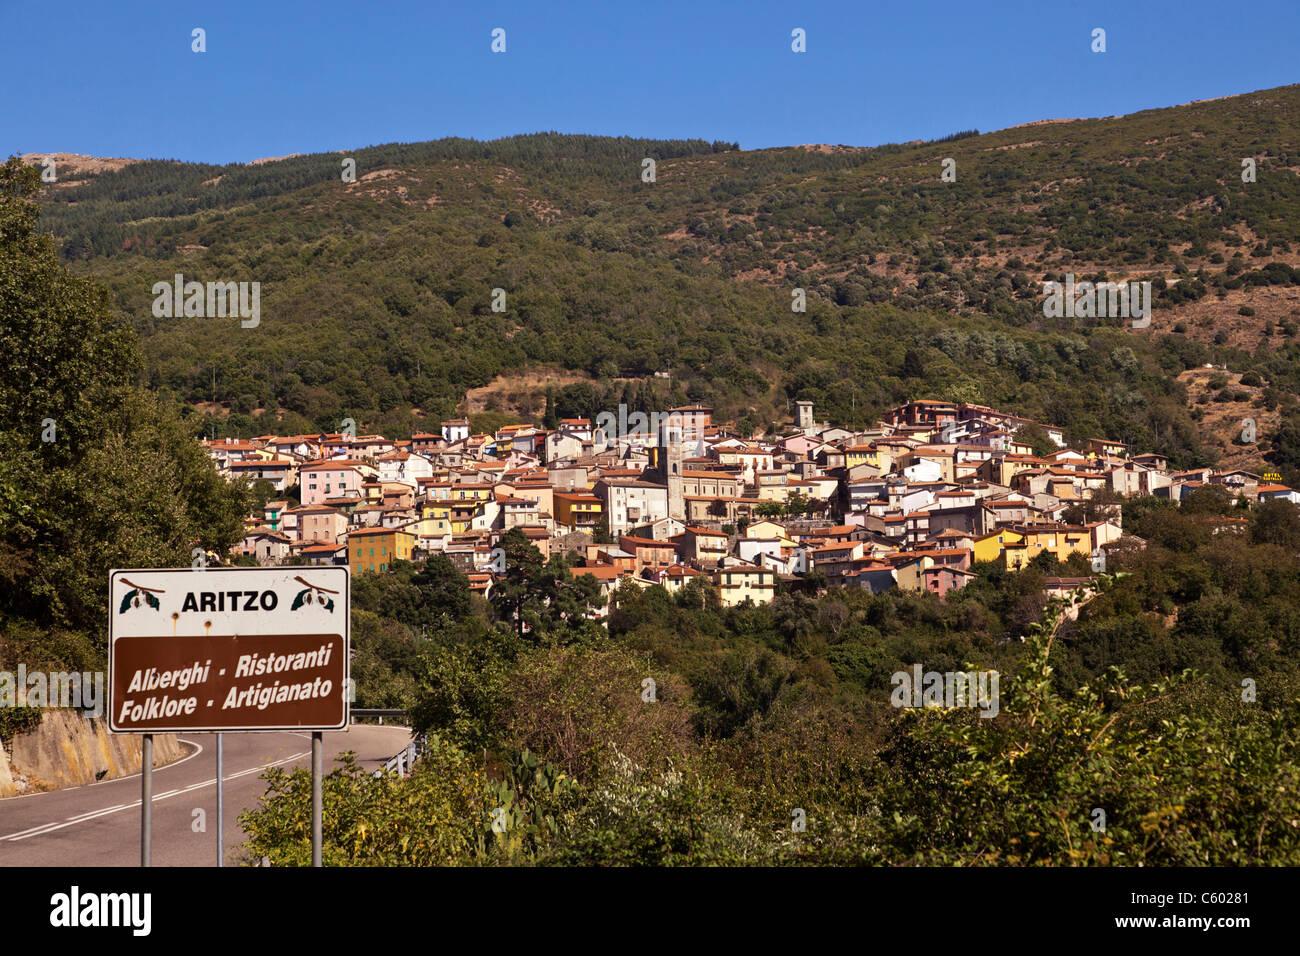 Aritzo Dorf, Italien-Sardinien Stockbild